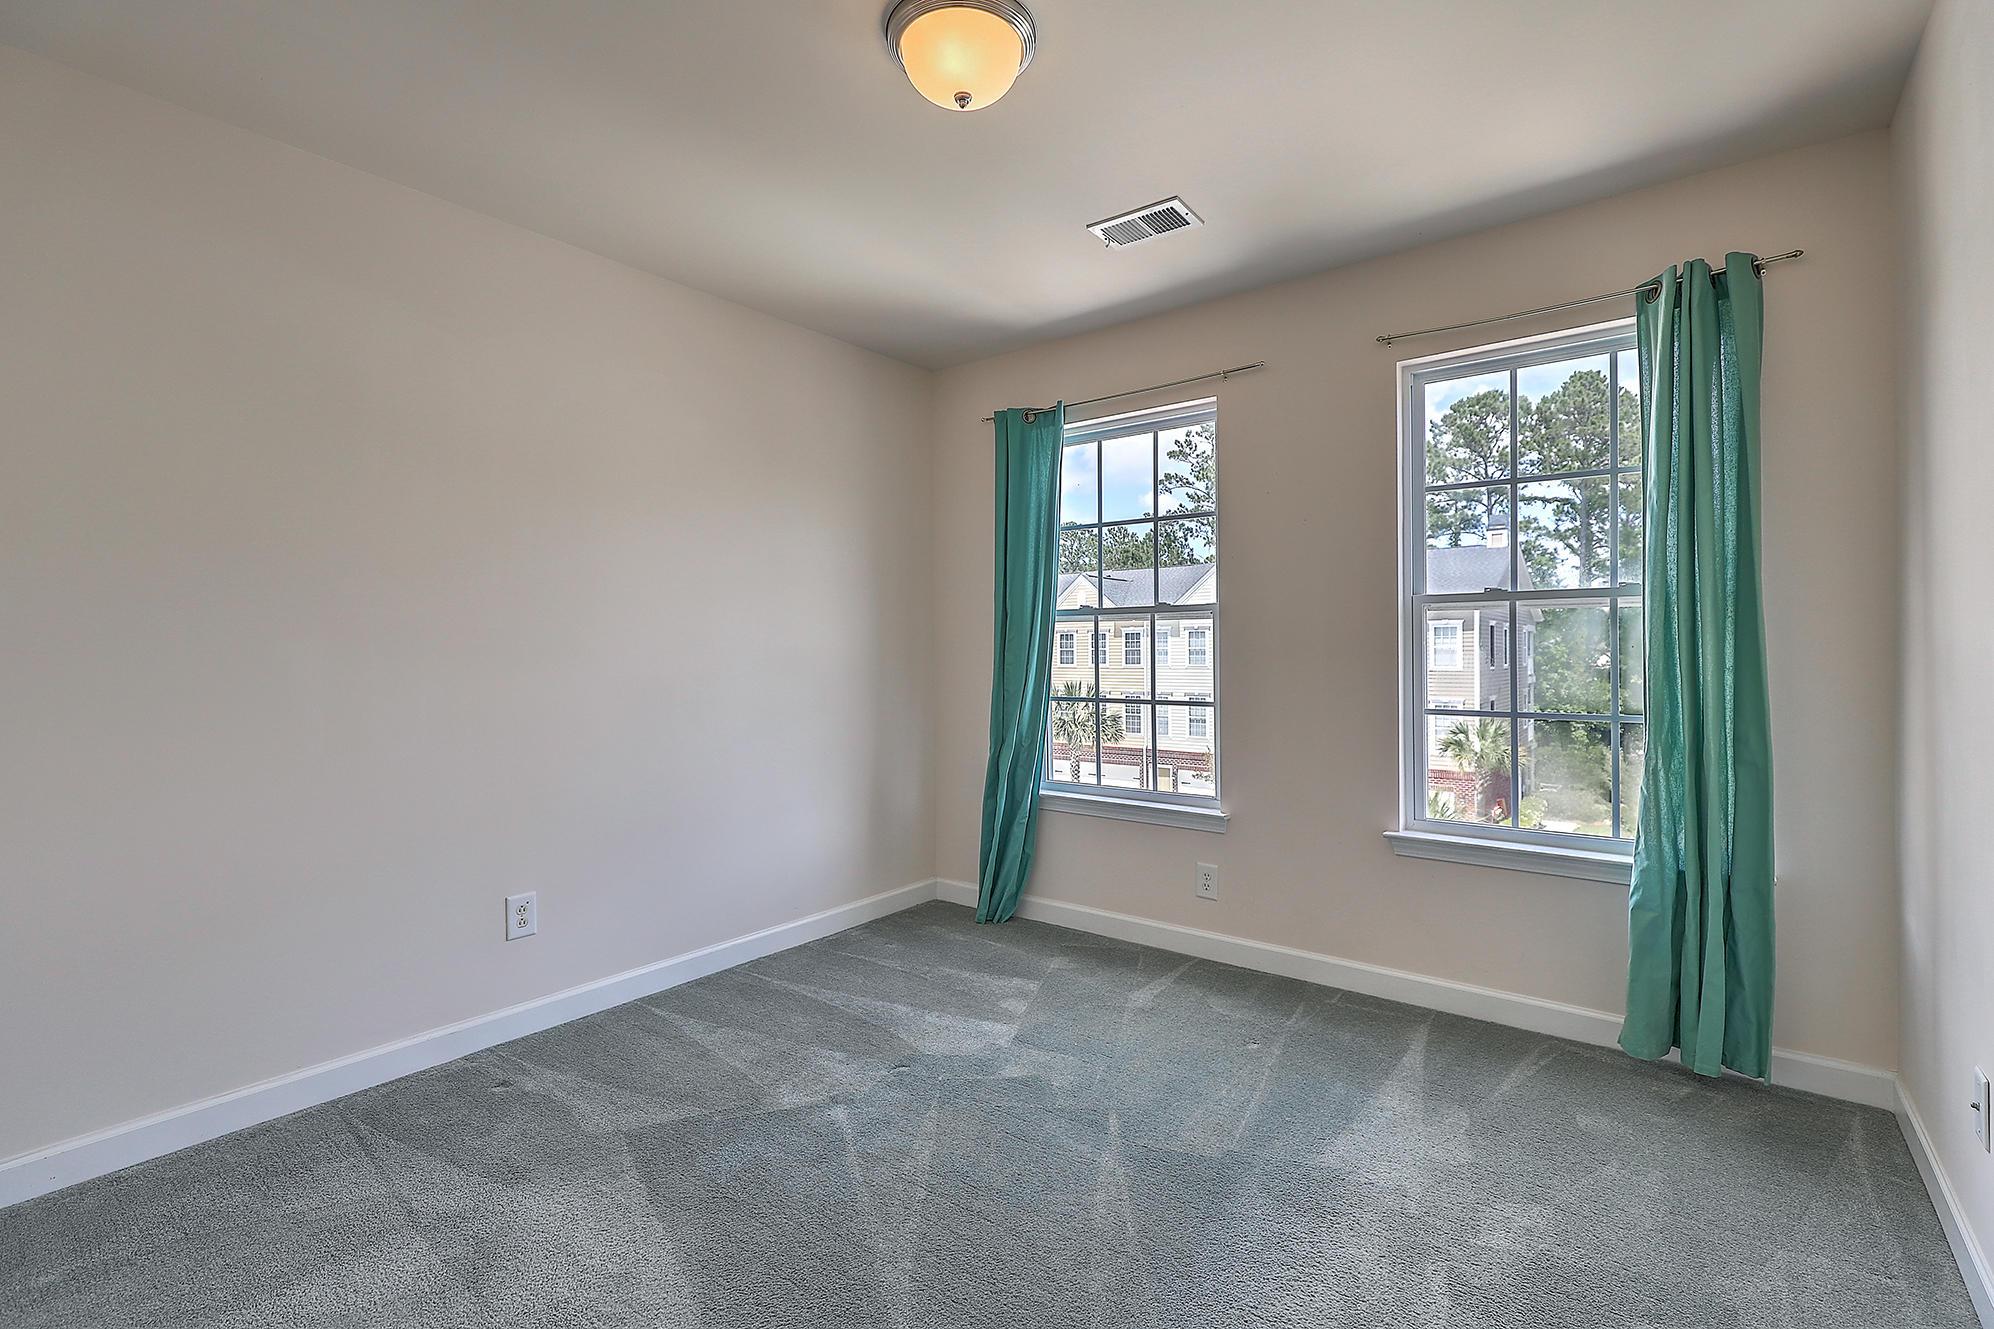 Kensington at Park West Homes For Sale - 3521 Claremont, Mount Pleasant, SC - 20